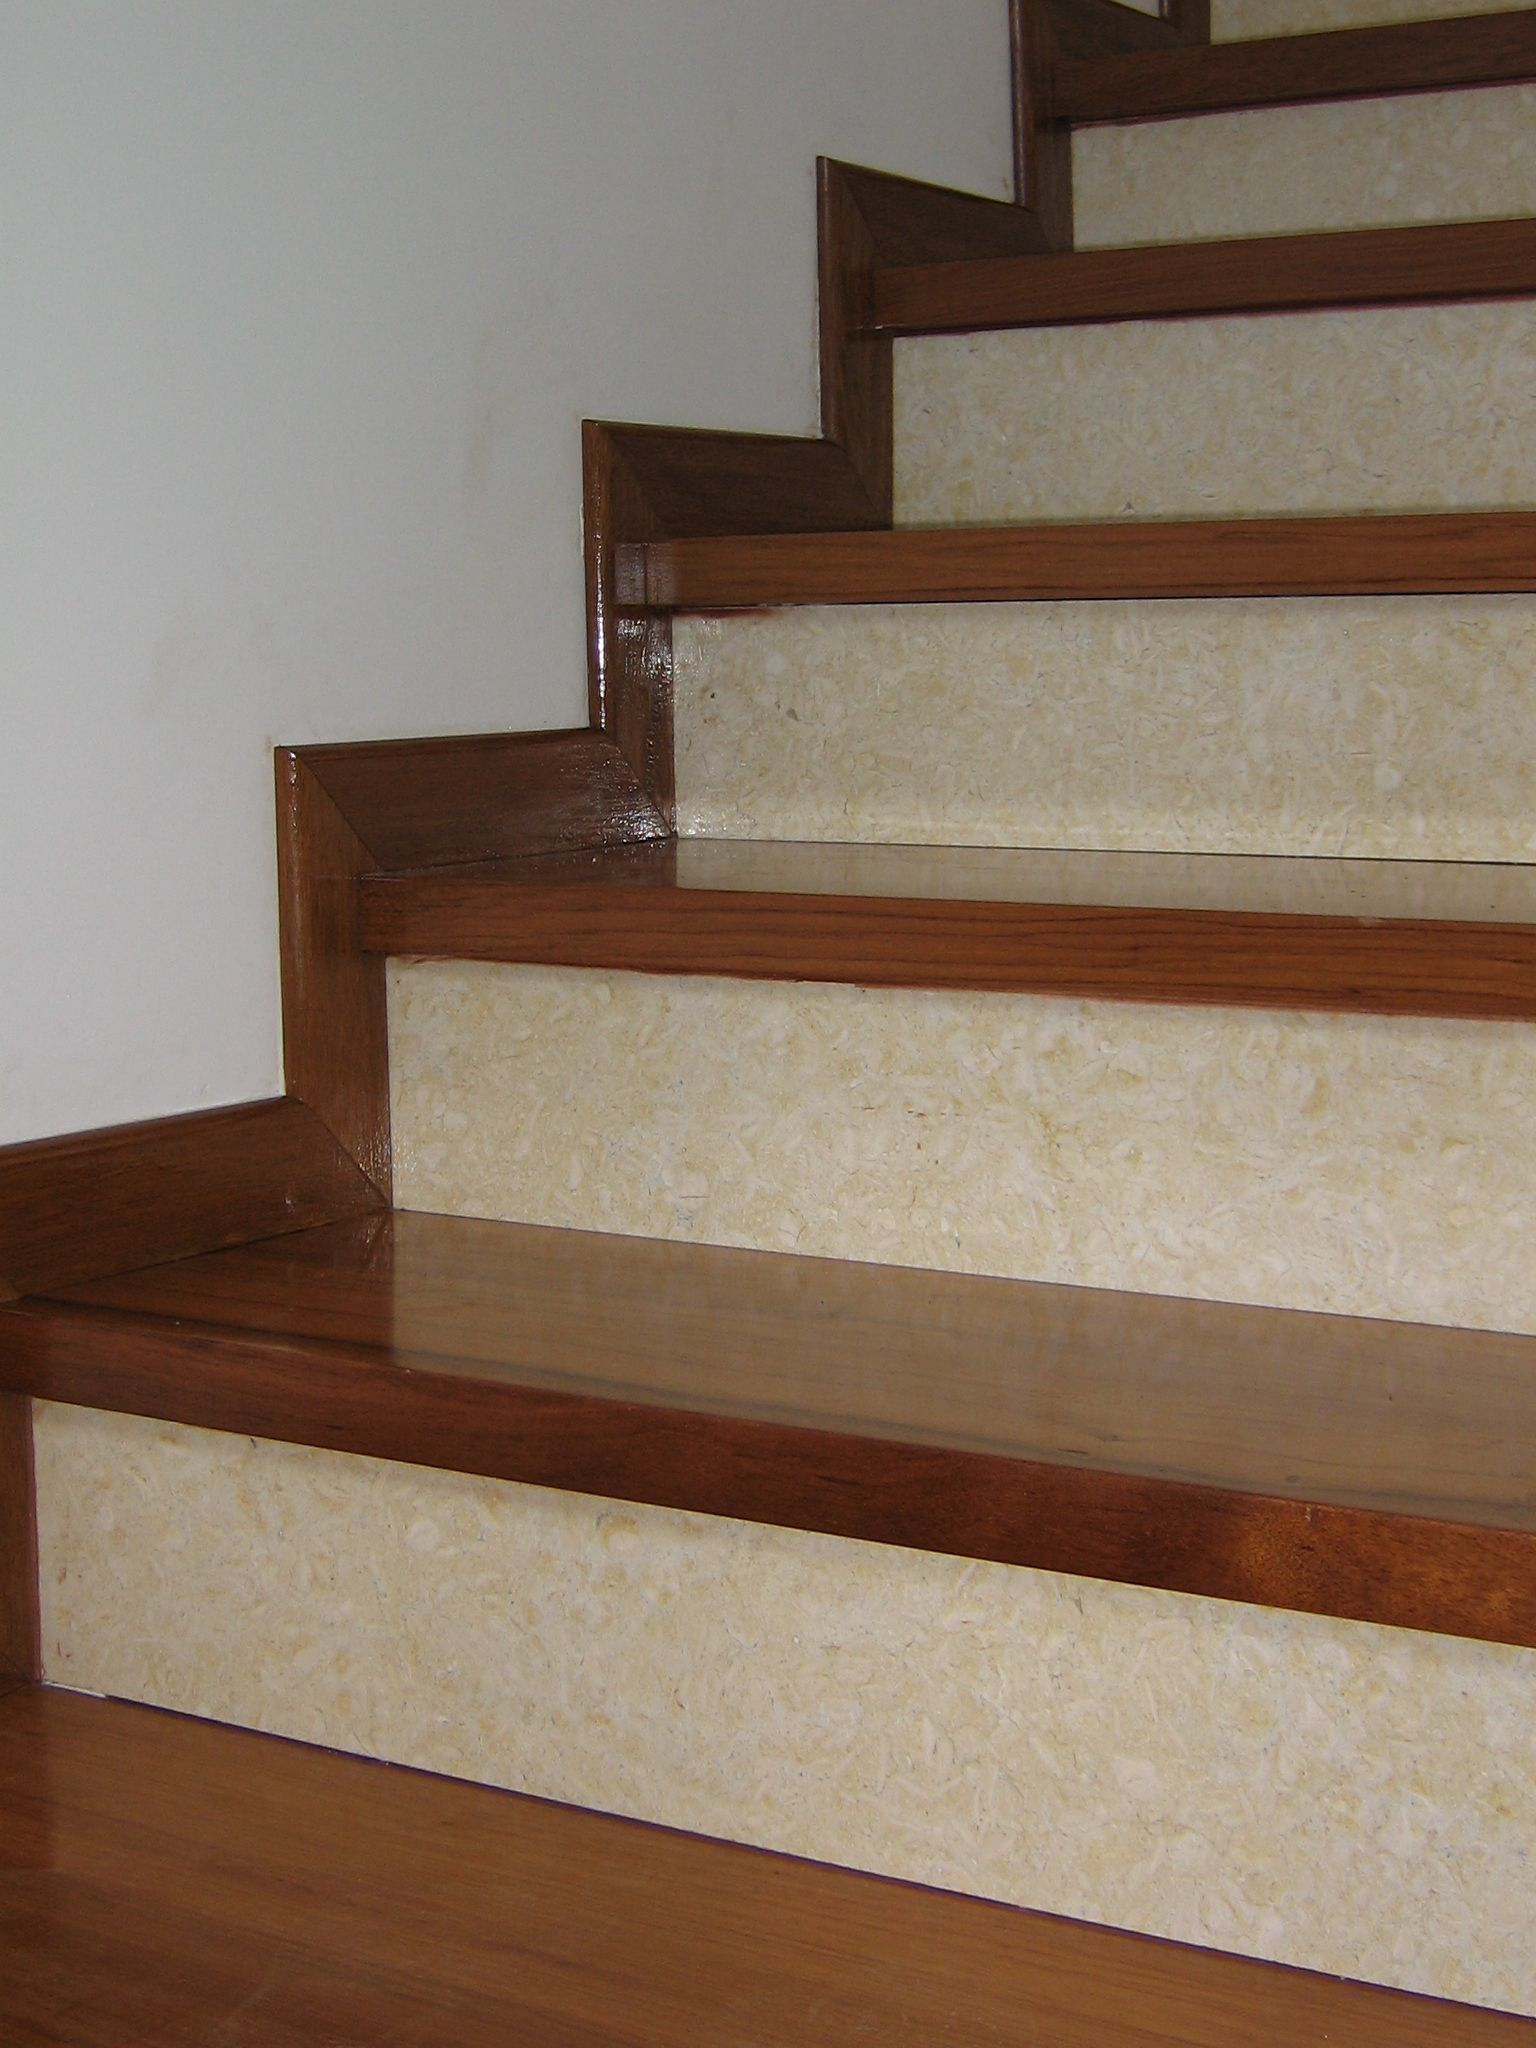 Huellas de escalera de madera buscar con google planos for Escaleras para planos